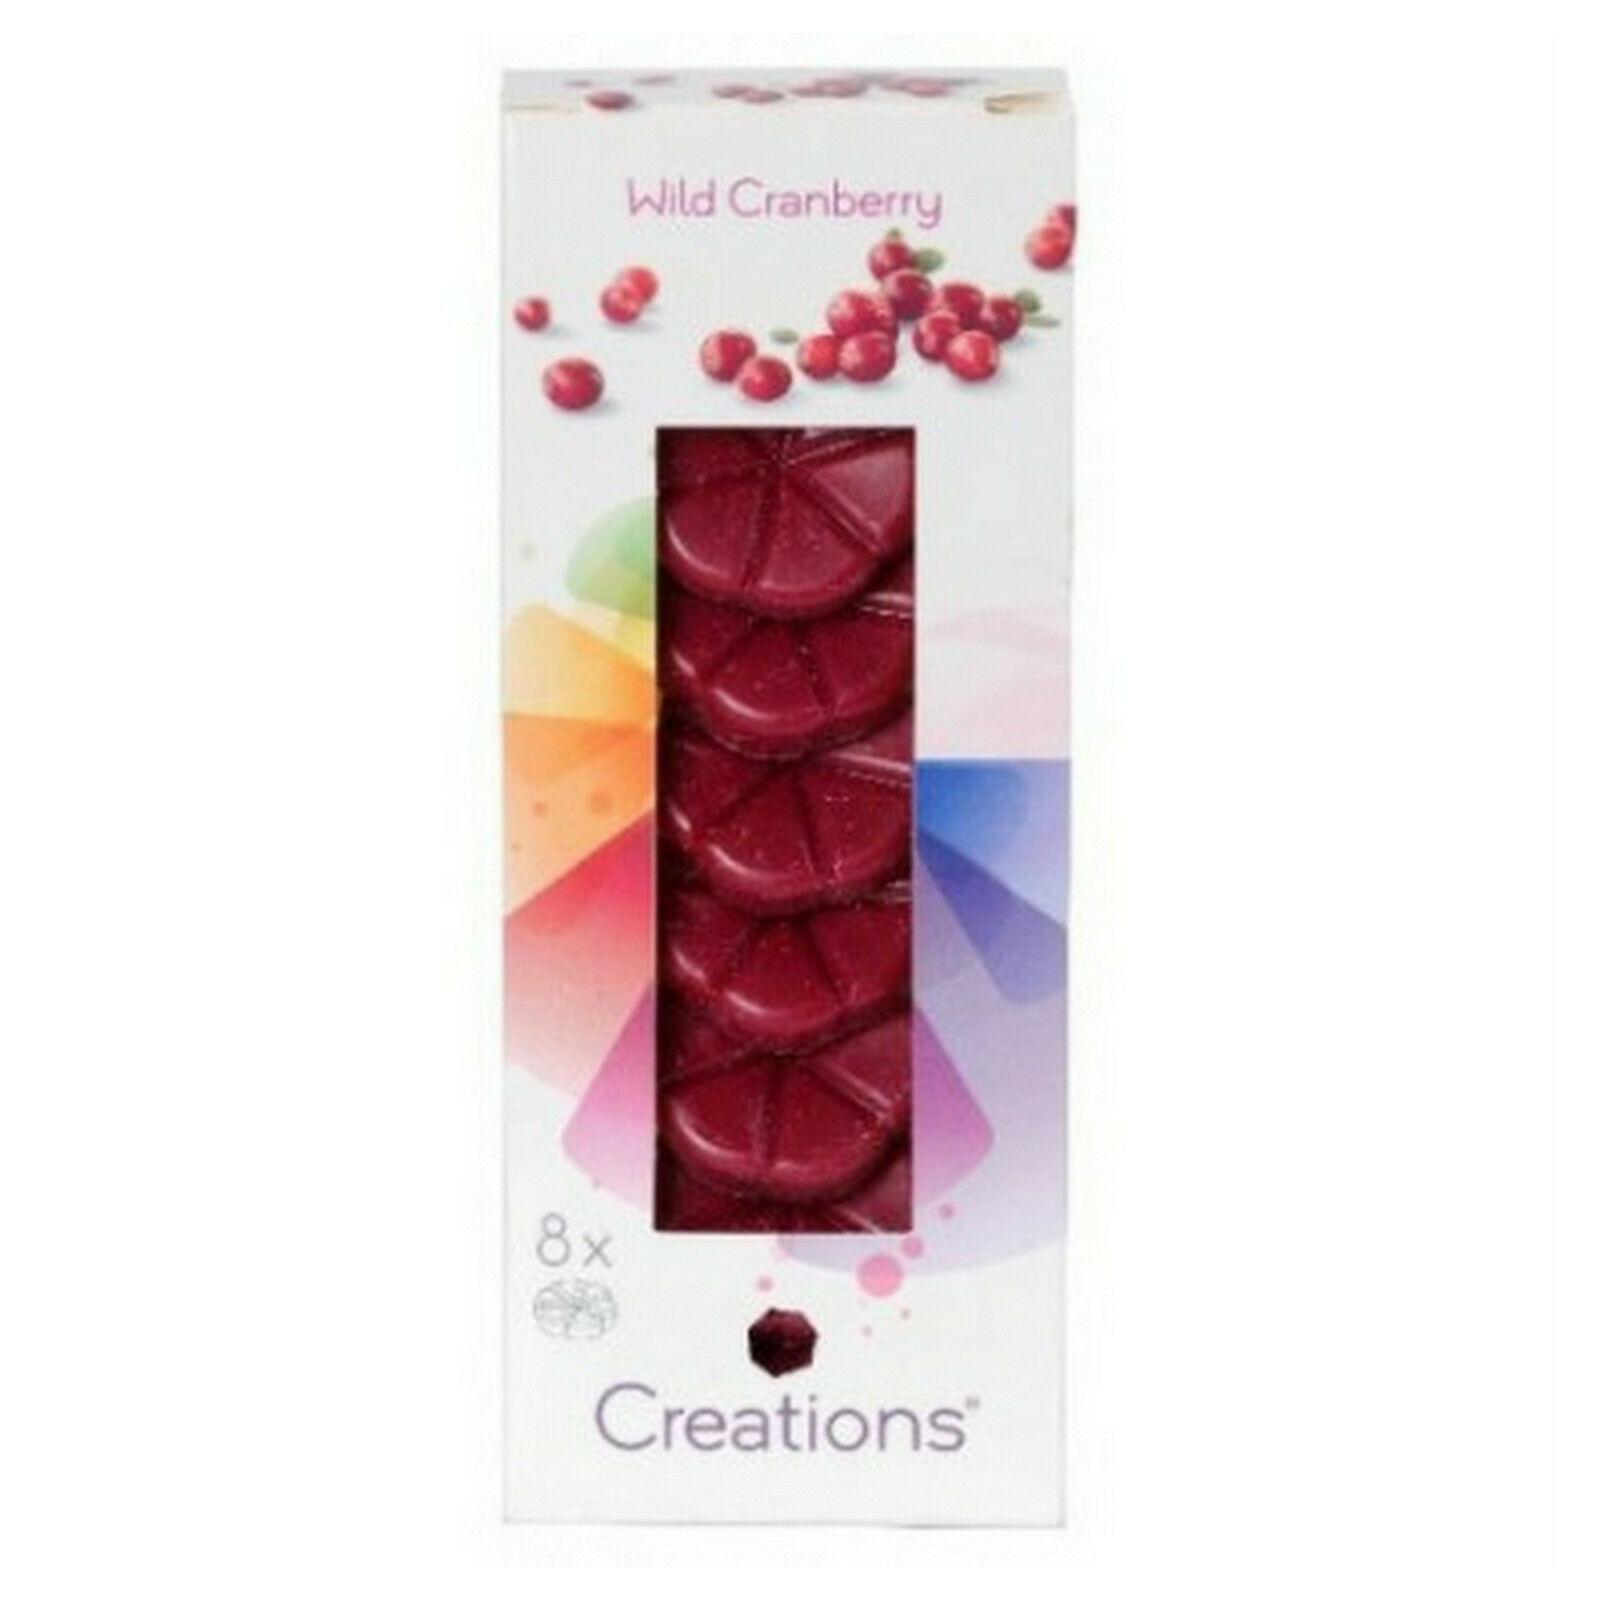 8 Stück Bolsius Creations Schmelzblüten Duftblüten Aromatic Wachs Melts Düfte  - Wild Granberry